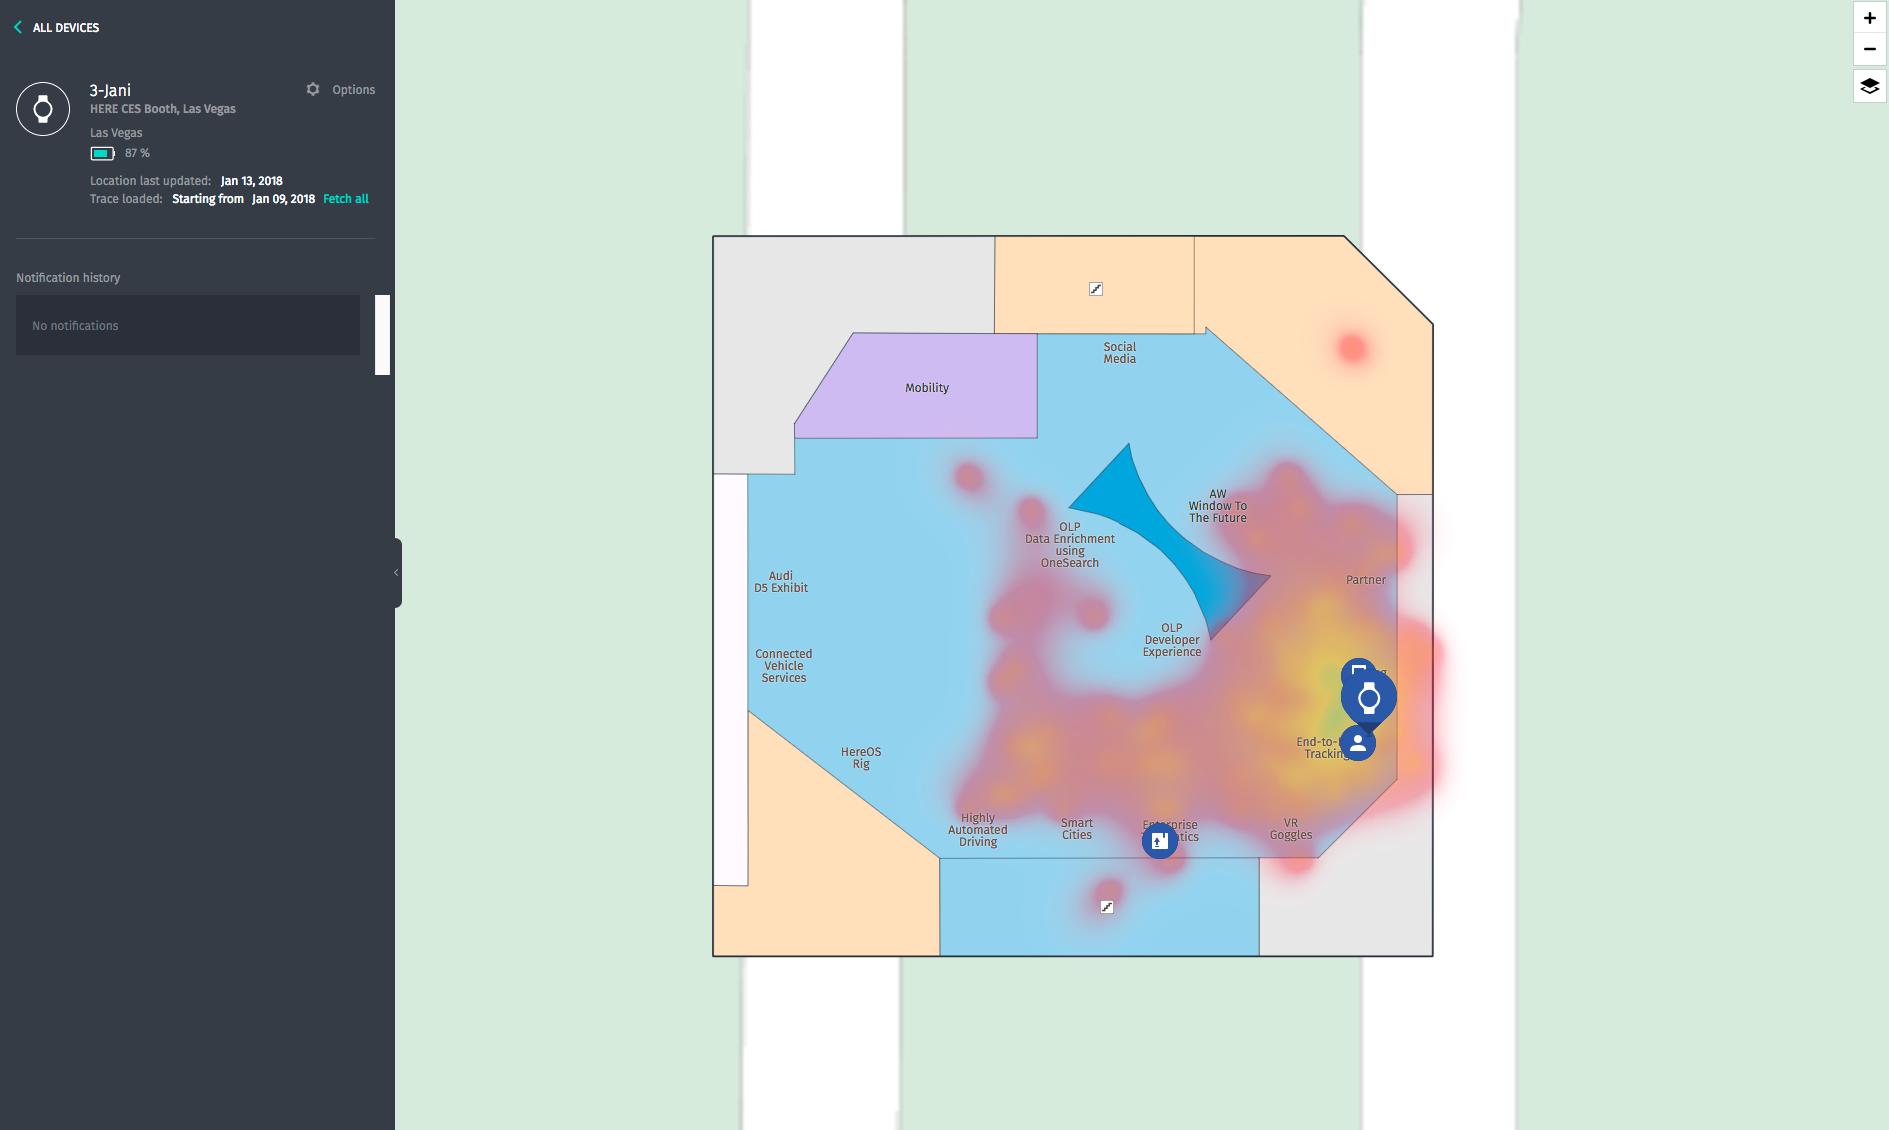 CES Booth heatmap